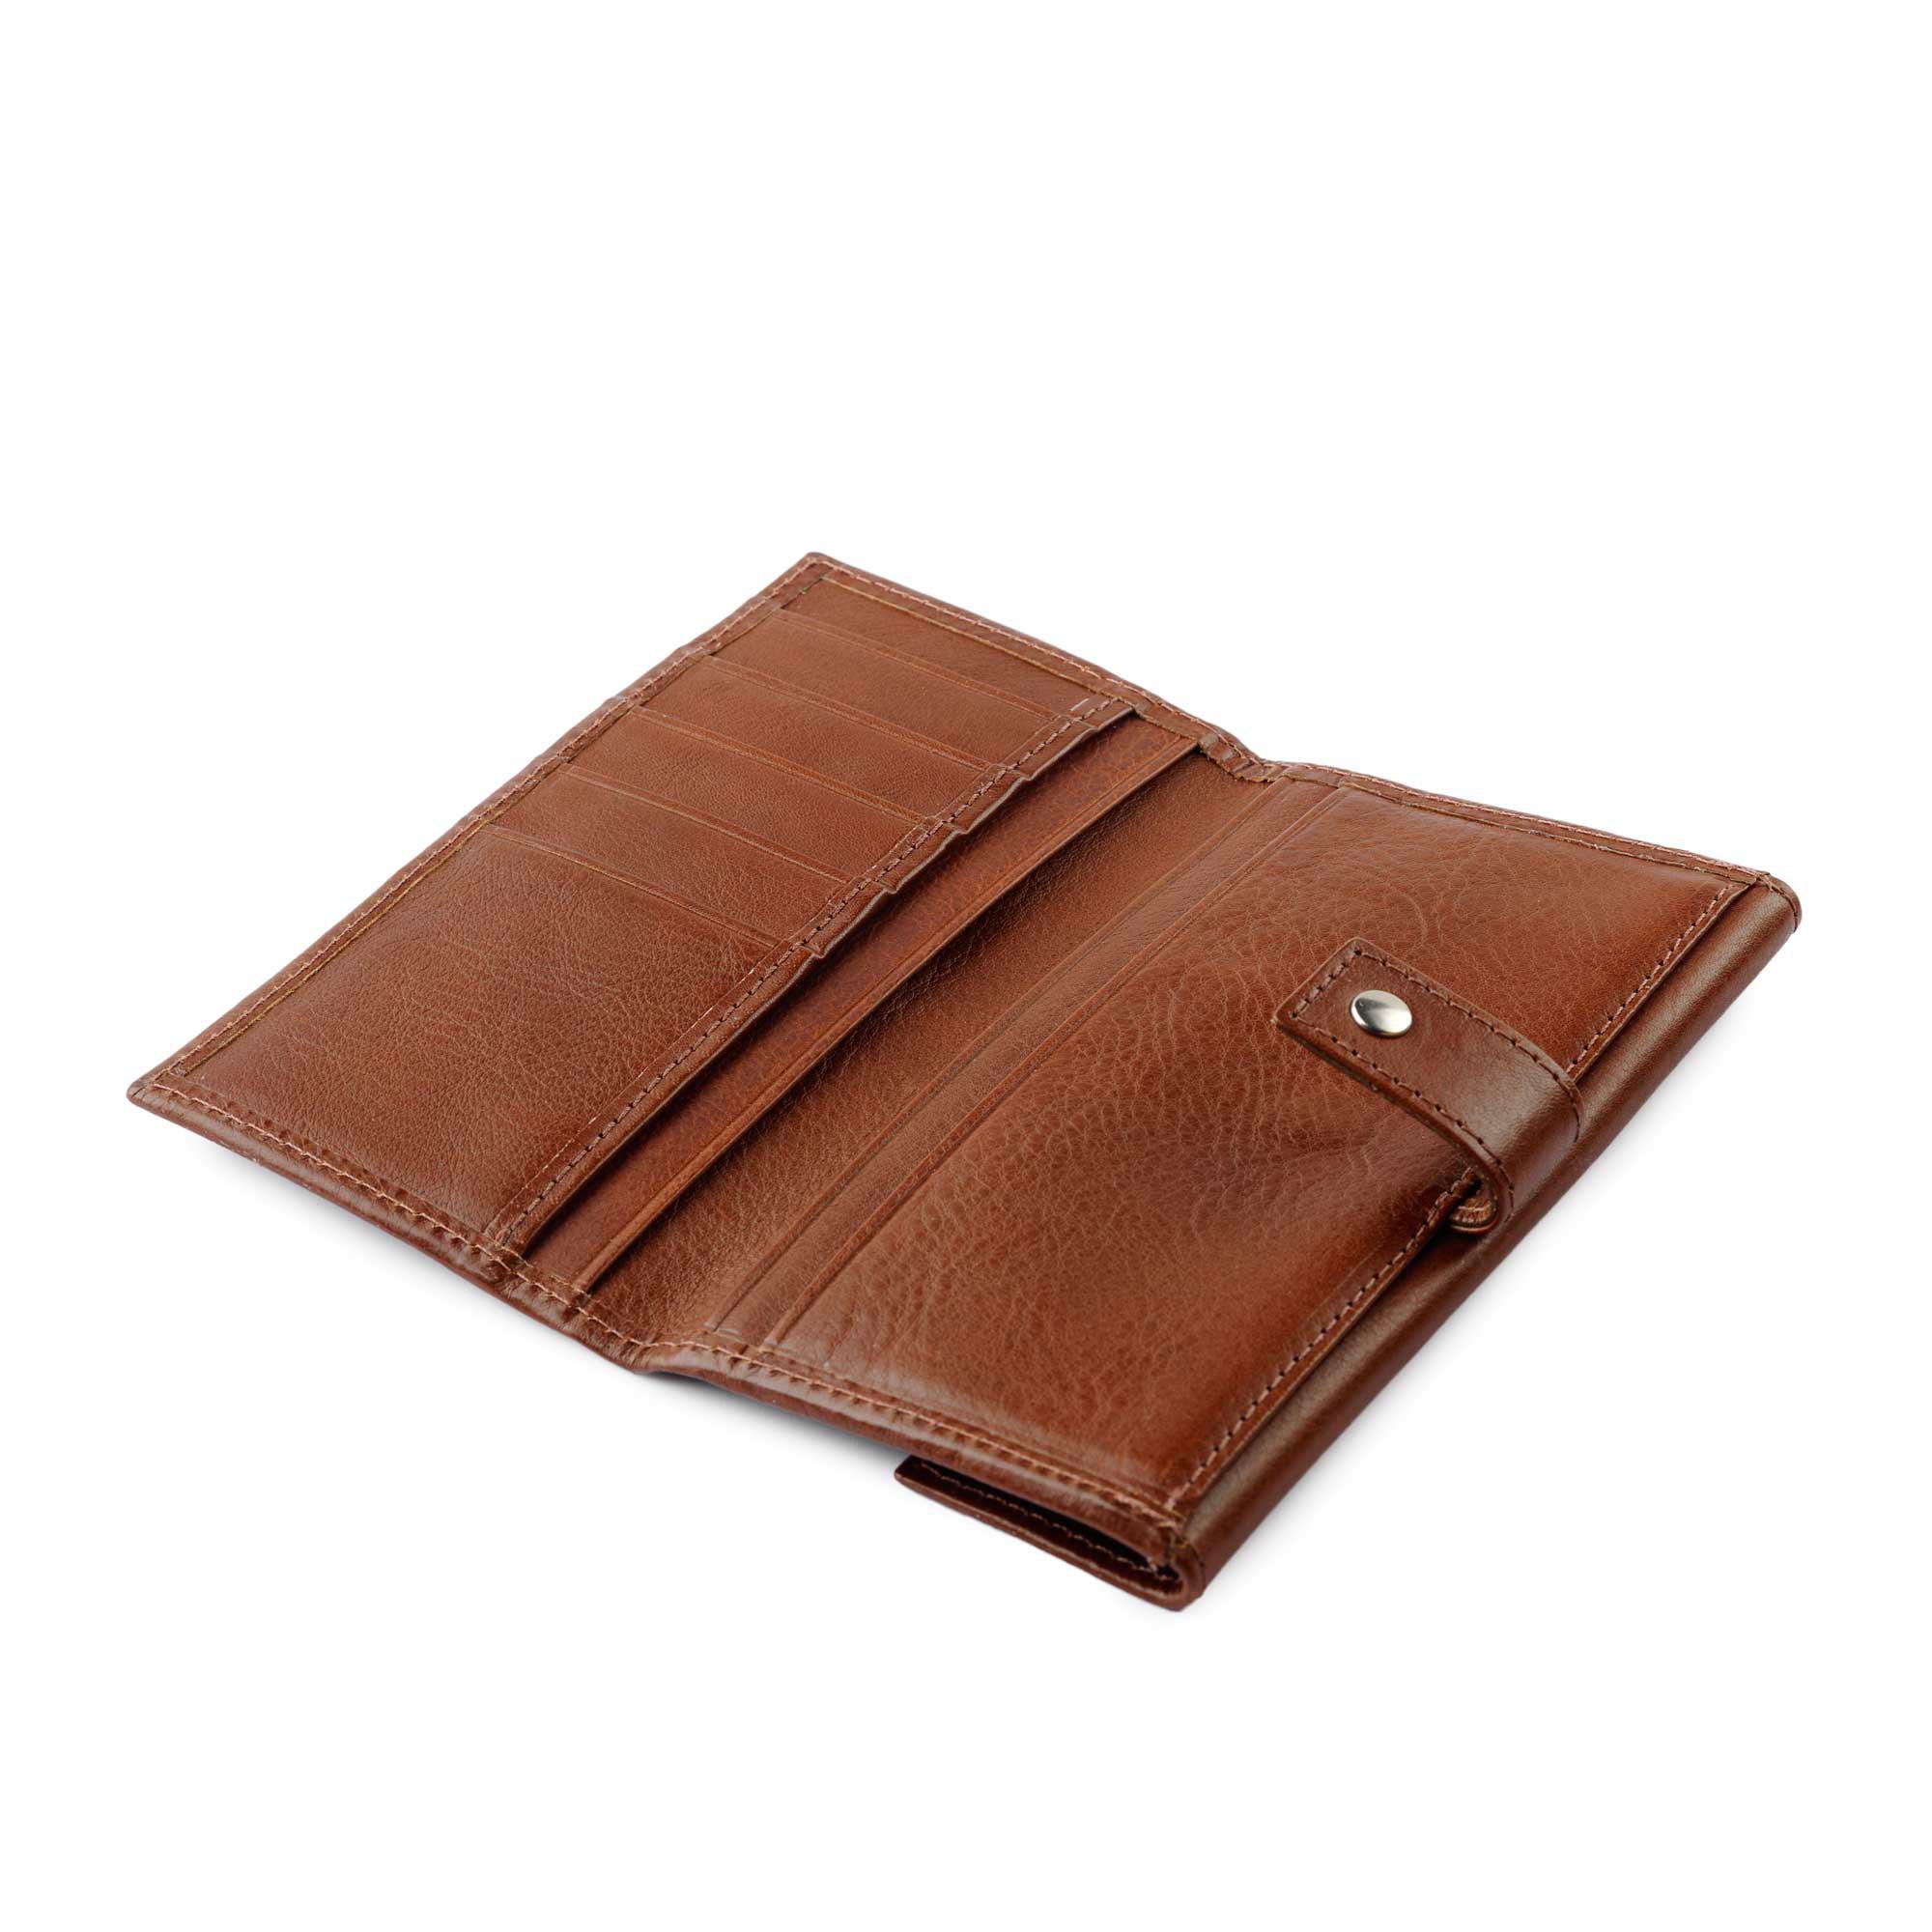 Holden-Ladies-Leather-Wallet-Interior-Chestnut QC.jpg